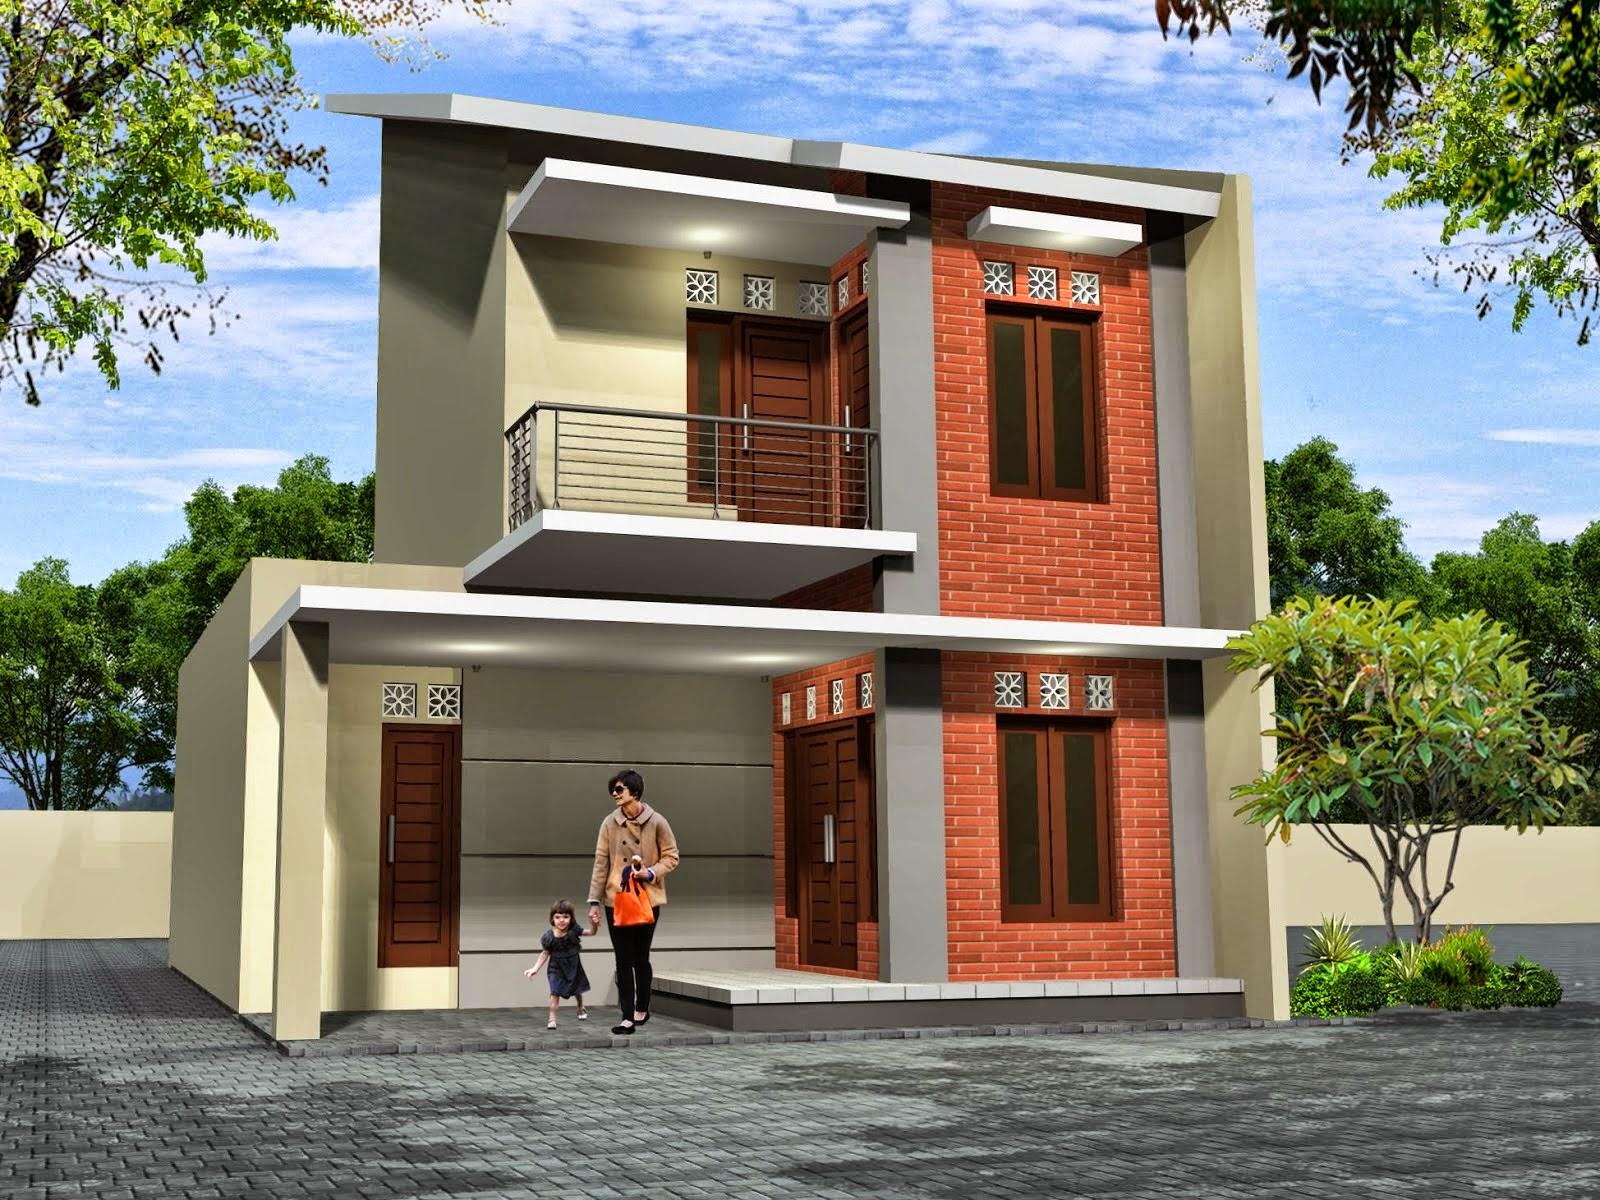 69 Desain Rumah Minimalis 2 Lantai Bagian Belakang